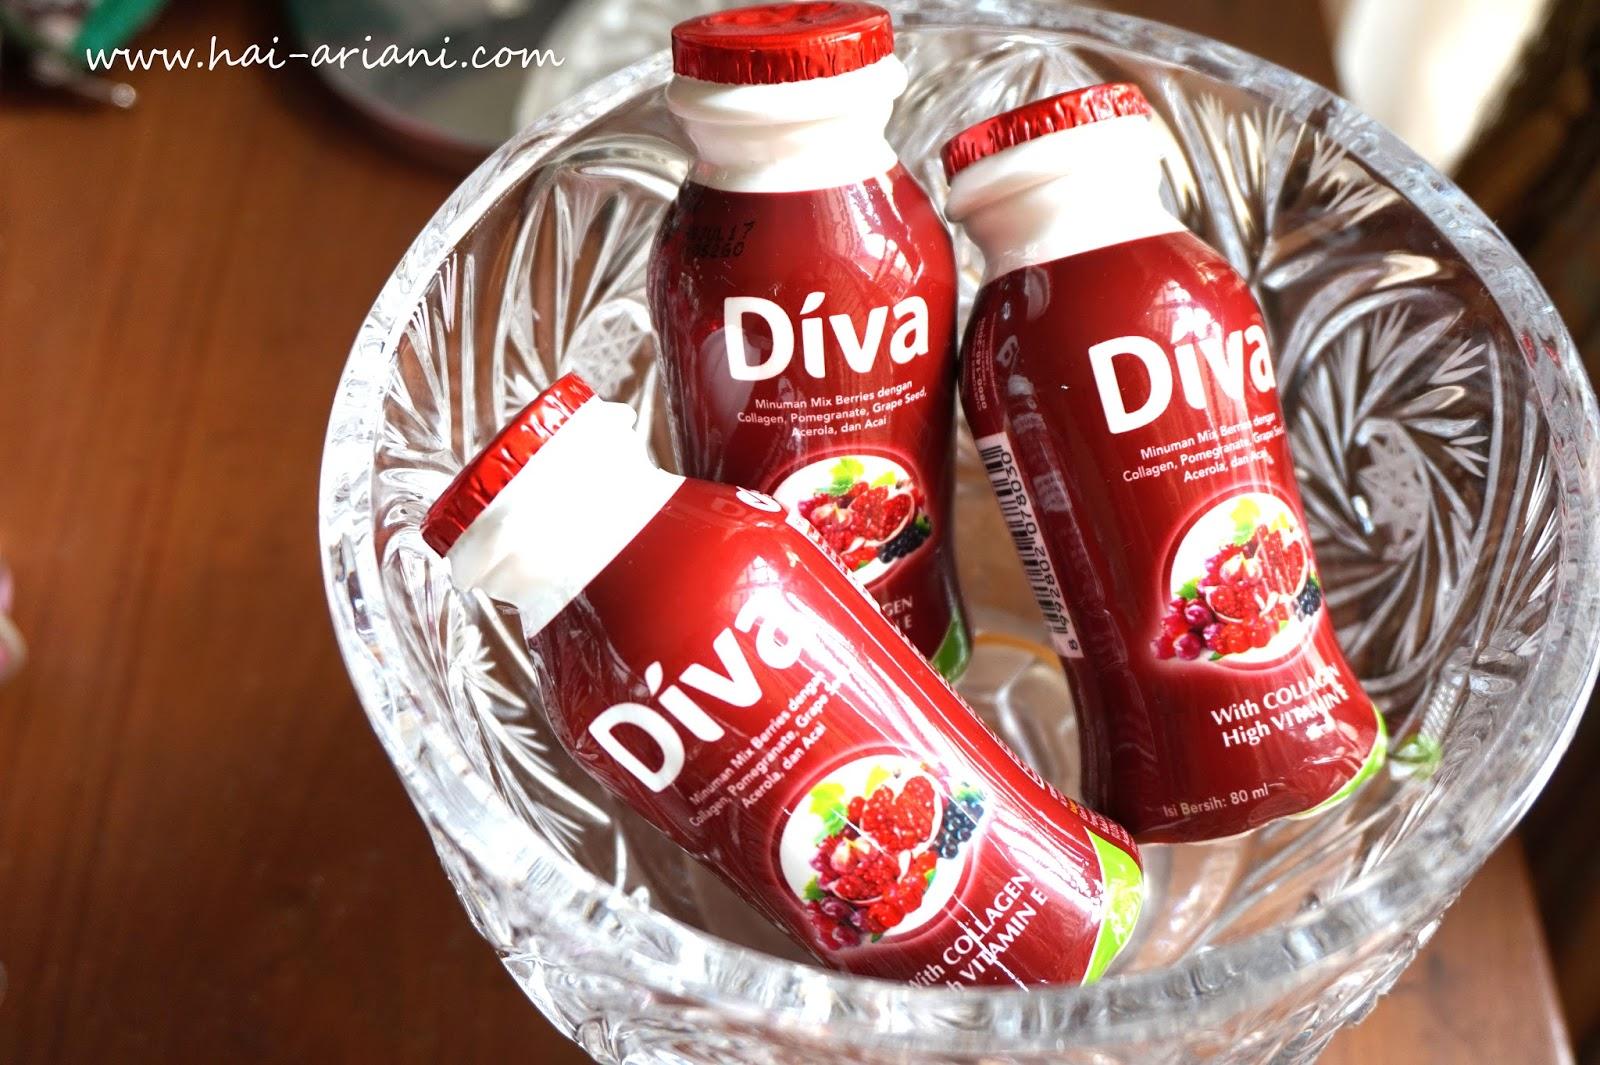 DIVA BEAUTY DRINK